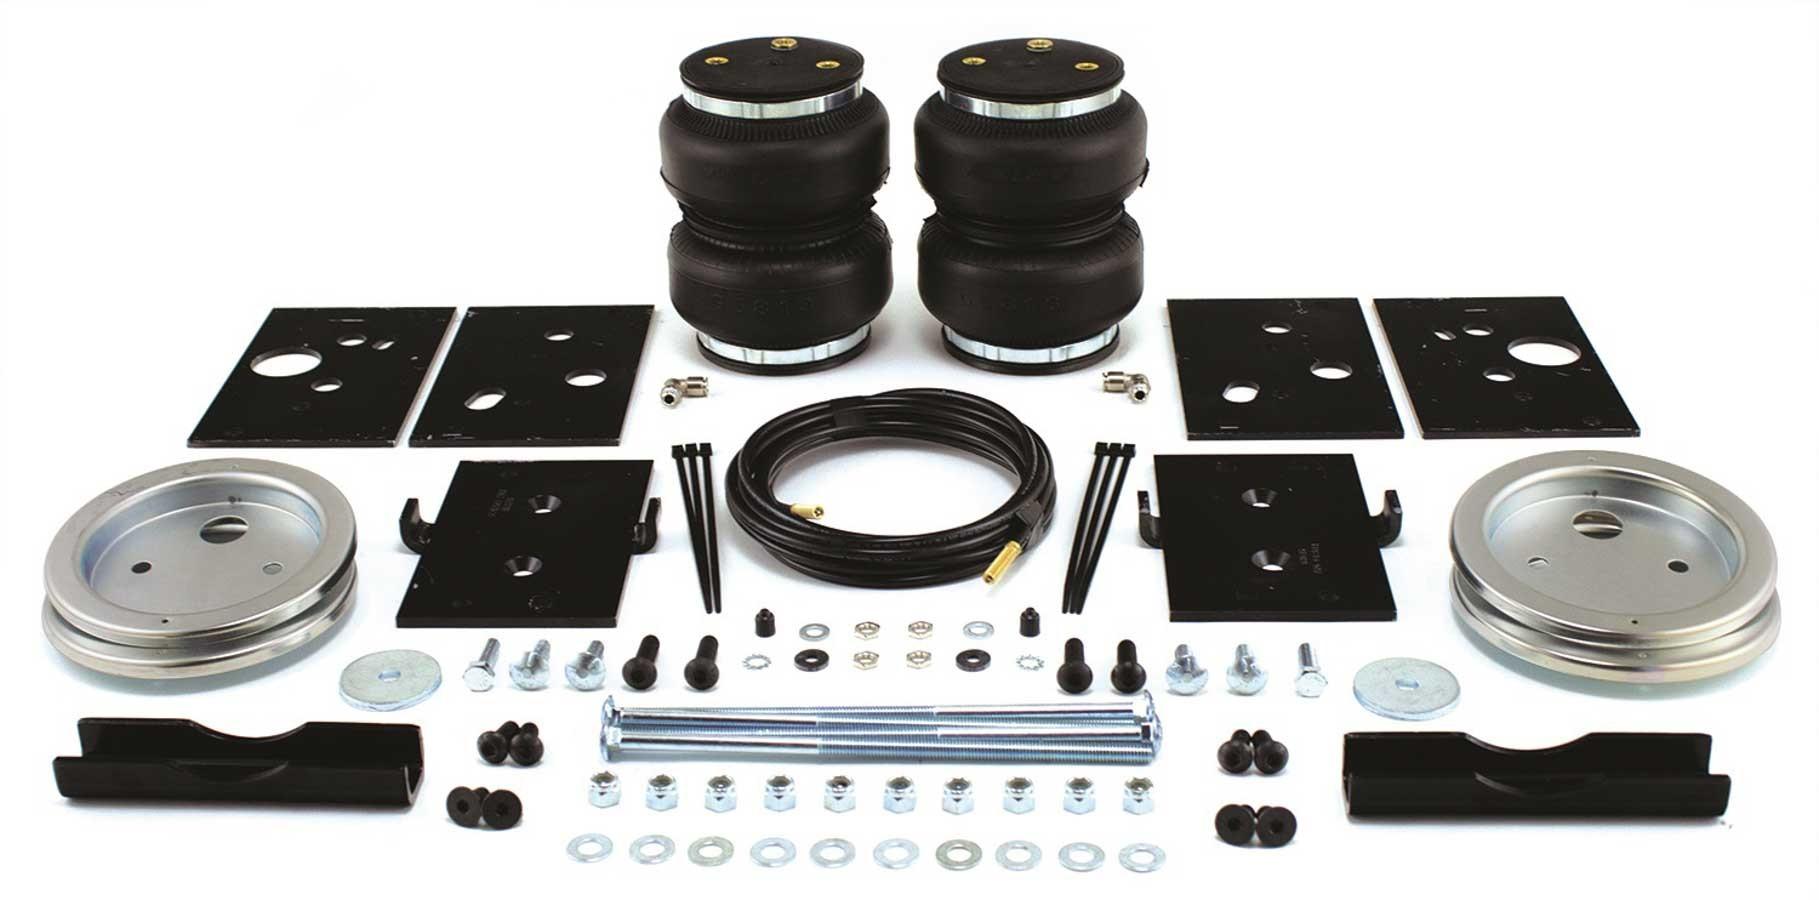 LoadLifter 5000 Air Spri ng Kit